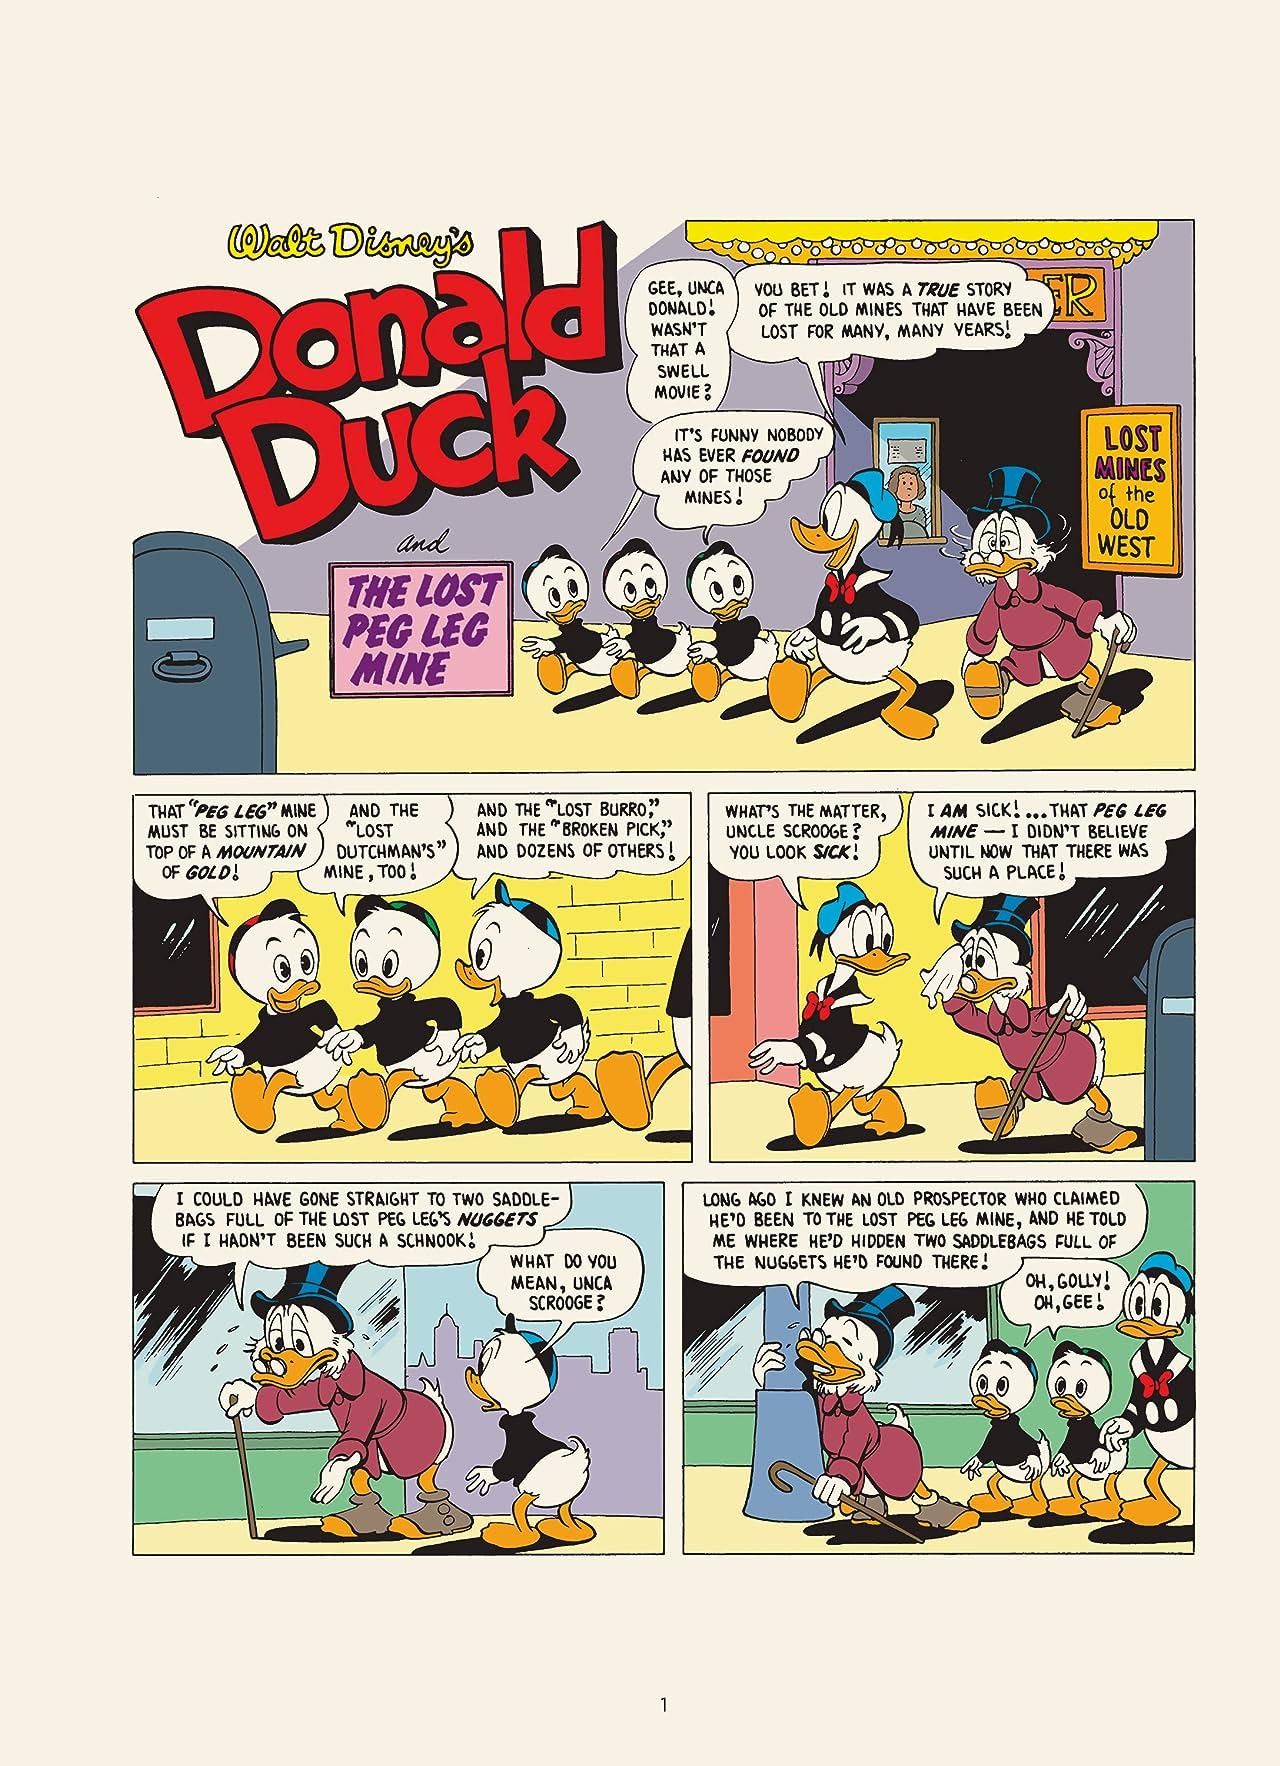 Walt Disney's Donald Duck Vol. 18: The Lost Peg Leg Mine